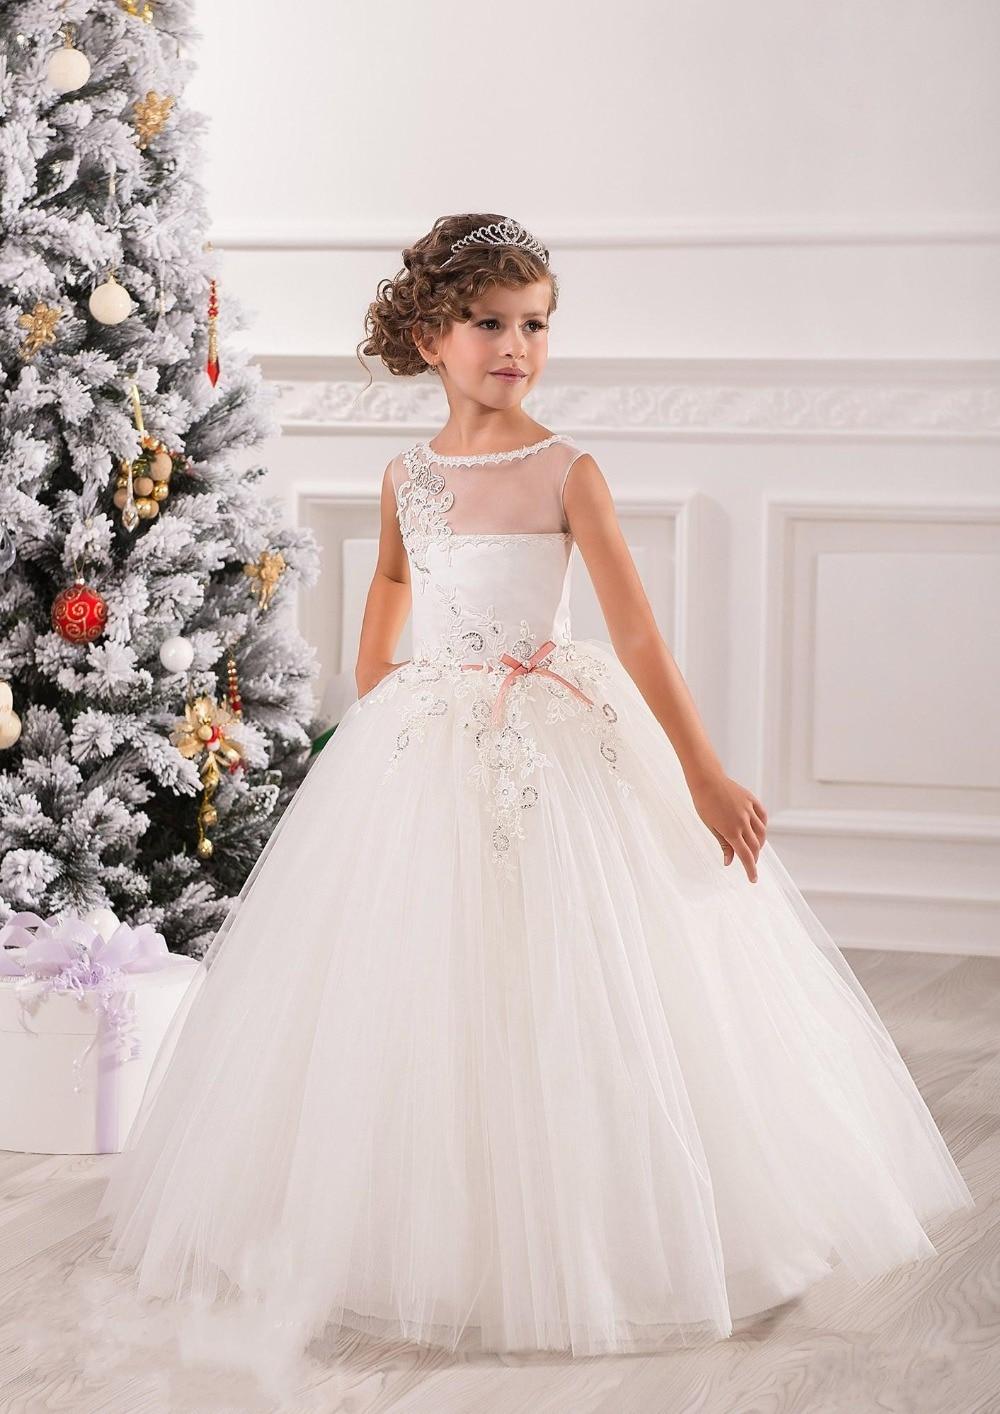 Elegant White Lace Ball Gowns Tulle Flower Girl Dresses ...